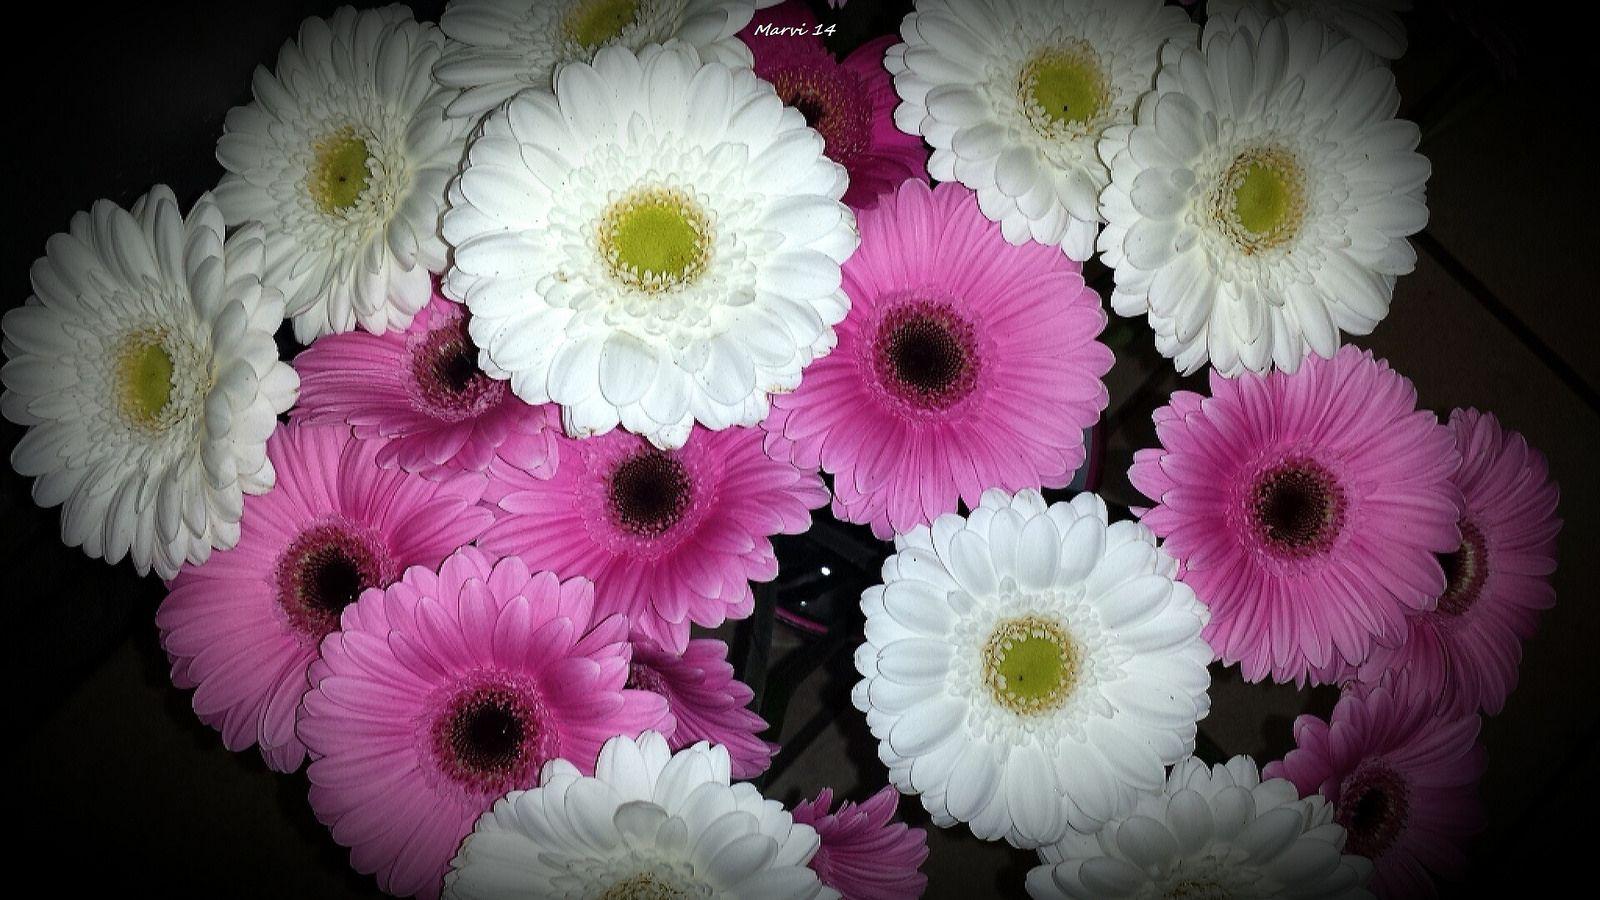 https://flic.kr/p/qgsM8Y | Bouquet de germinis